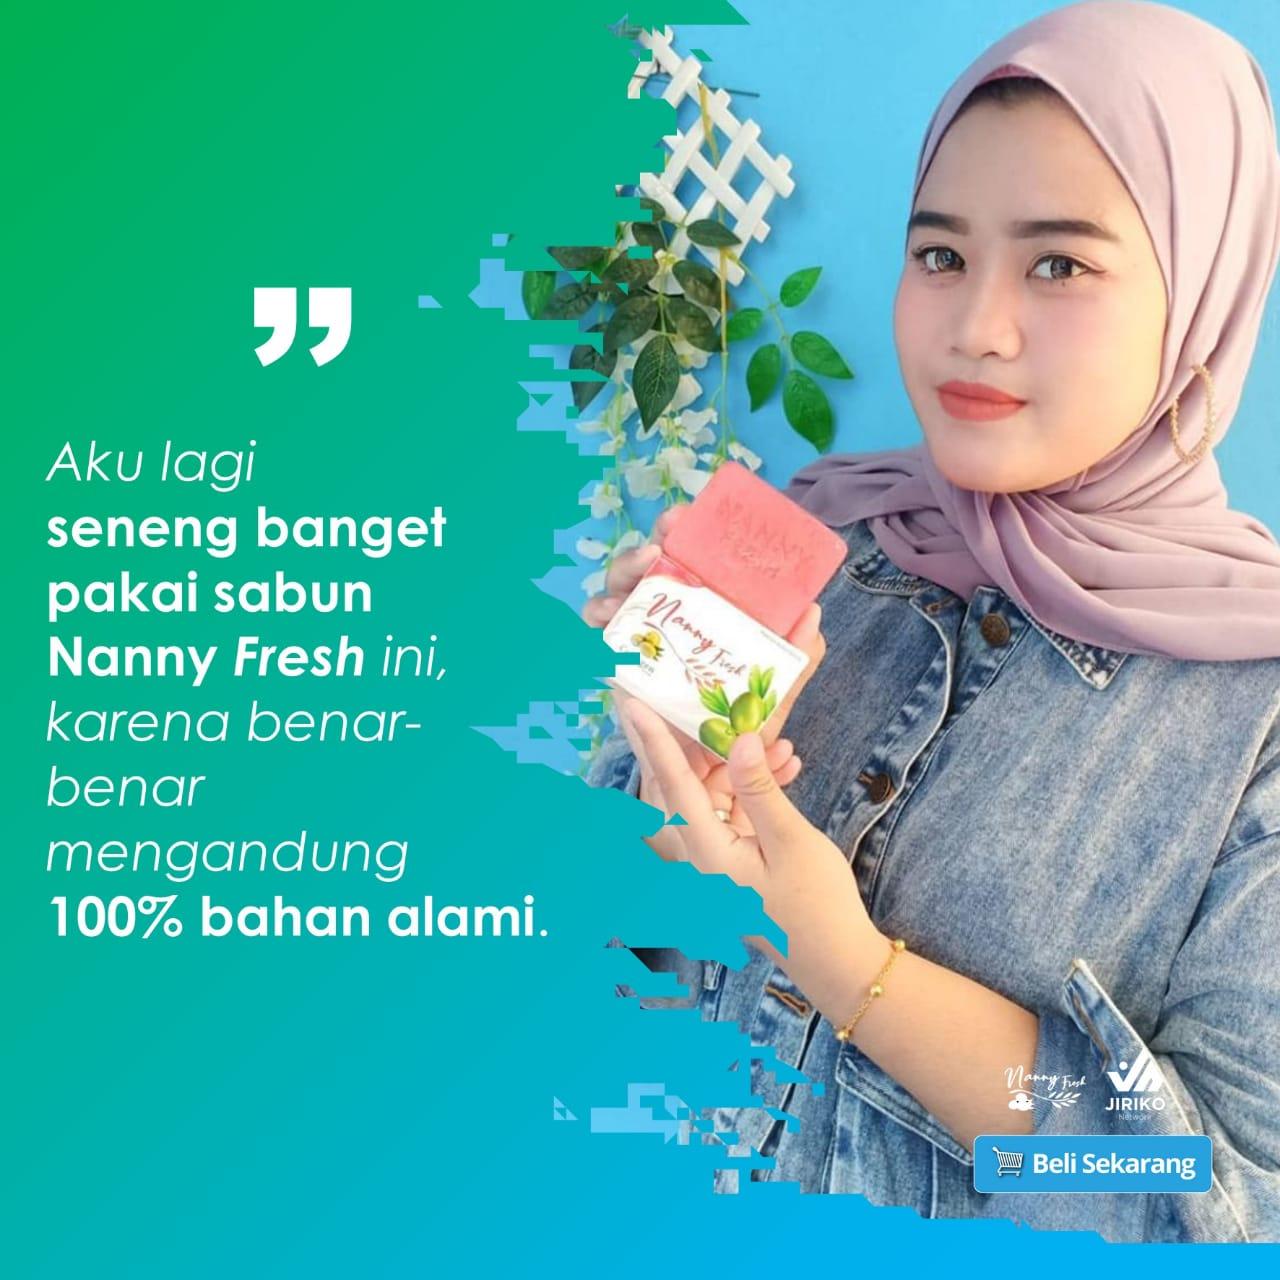 Peluang bisnis jiriko indonesia